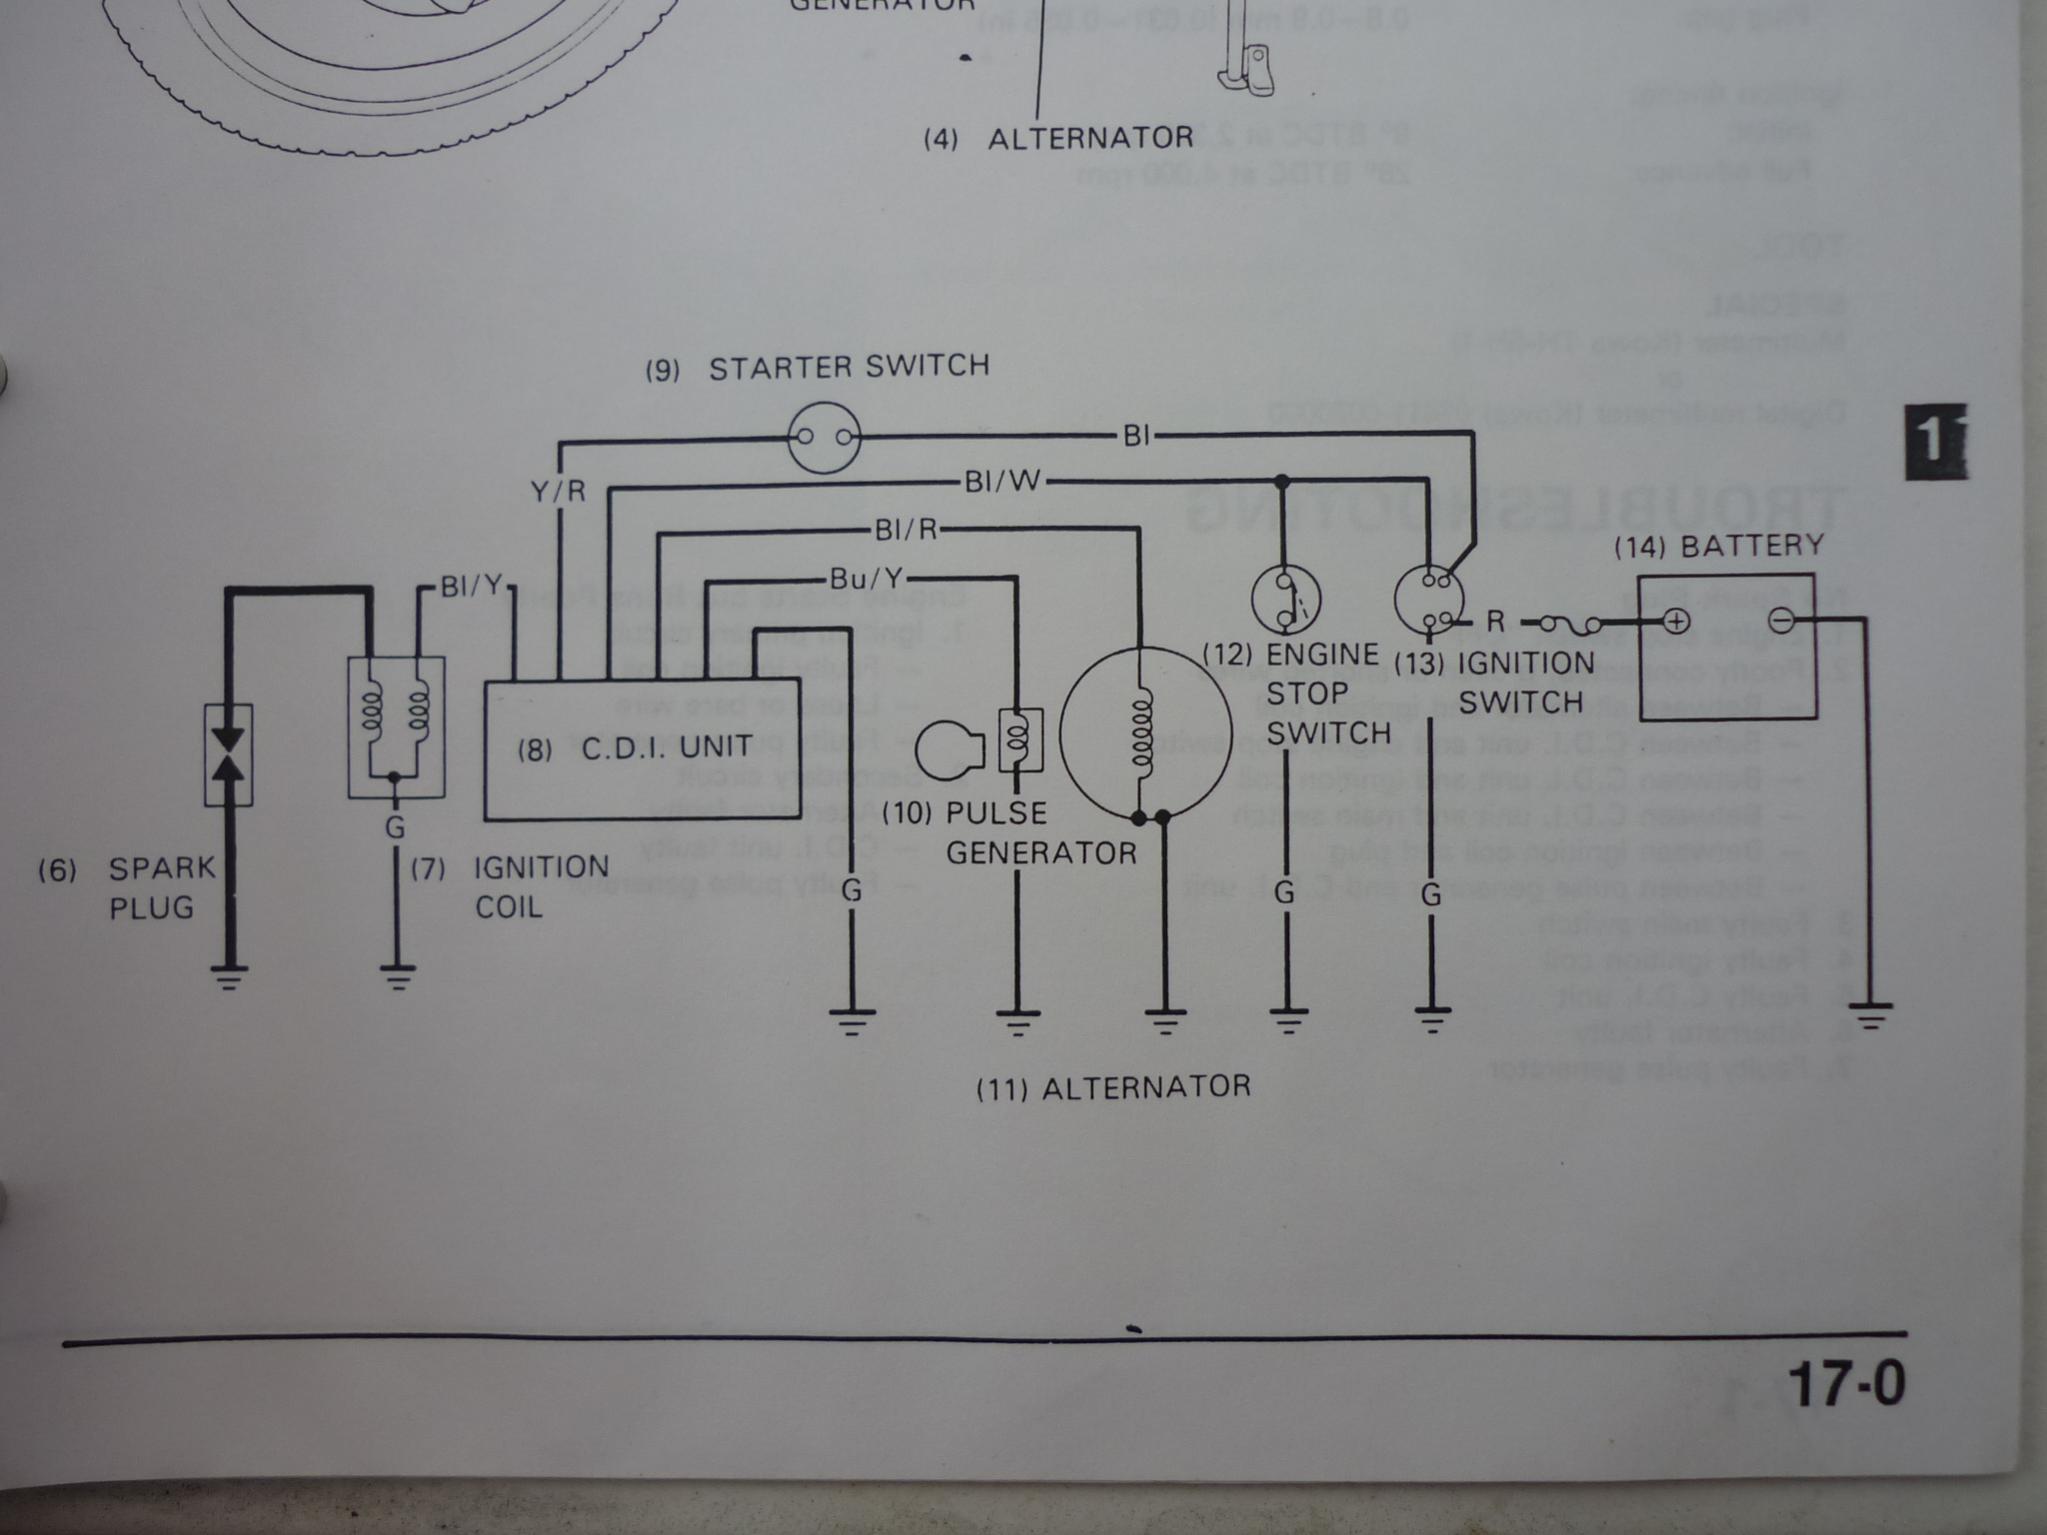 18547d1339177014 xl600 lmf wiring diagram p1010573 xl600 lmf wiring diagram page 2 2003 Honda EX300 at eliteediting.co